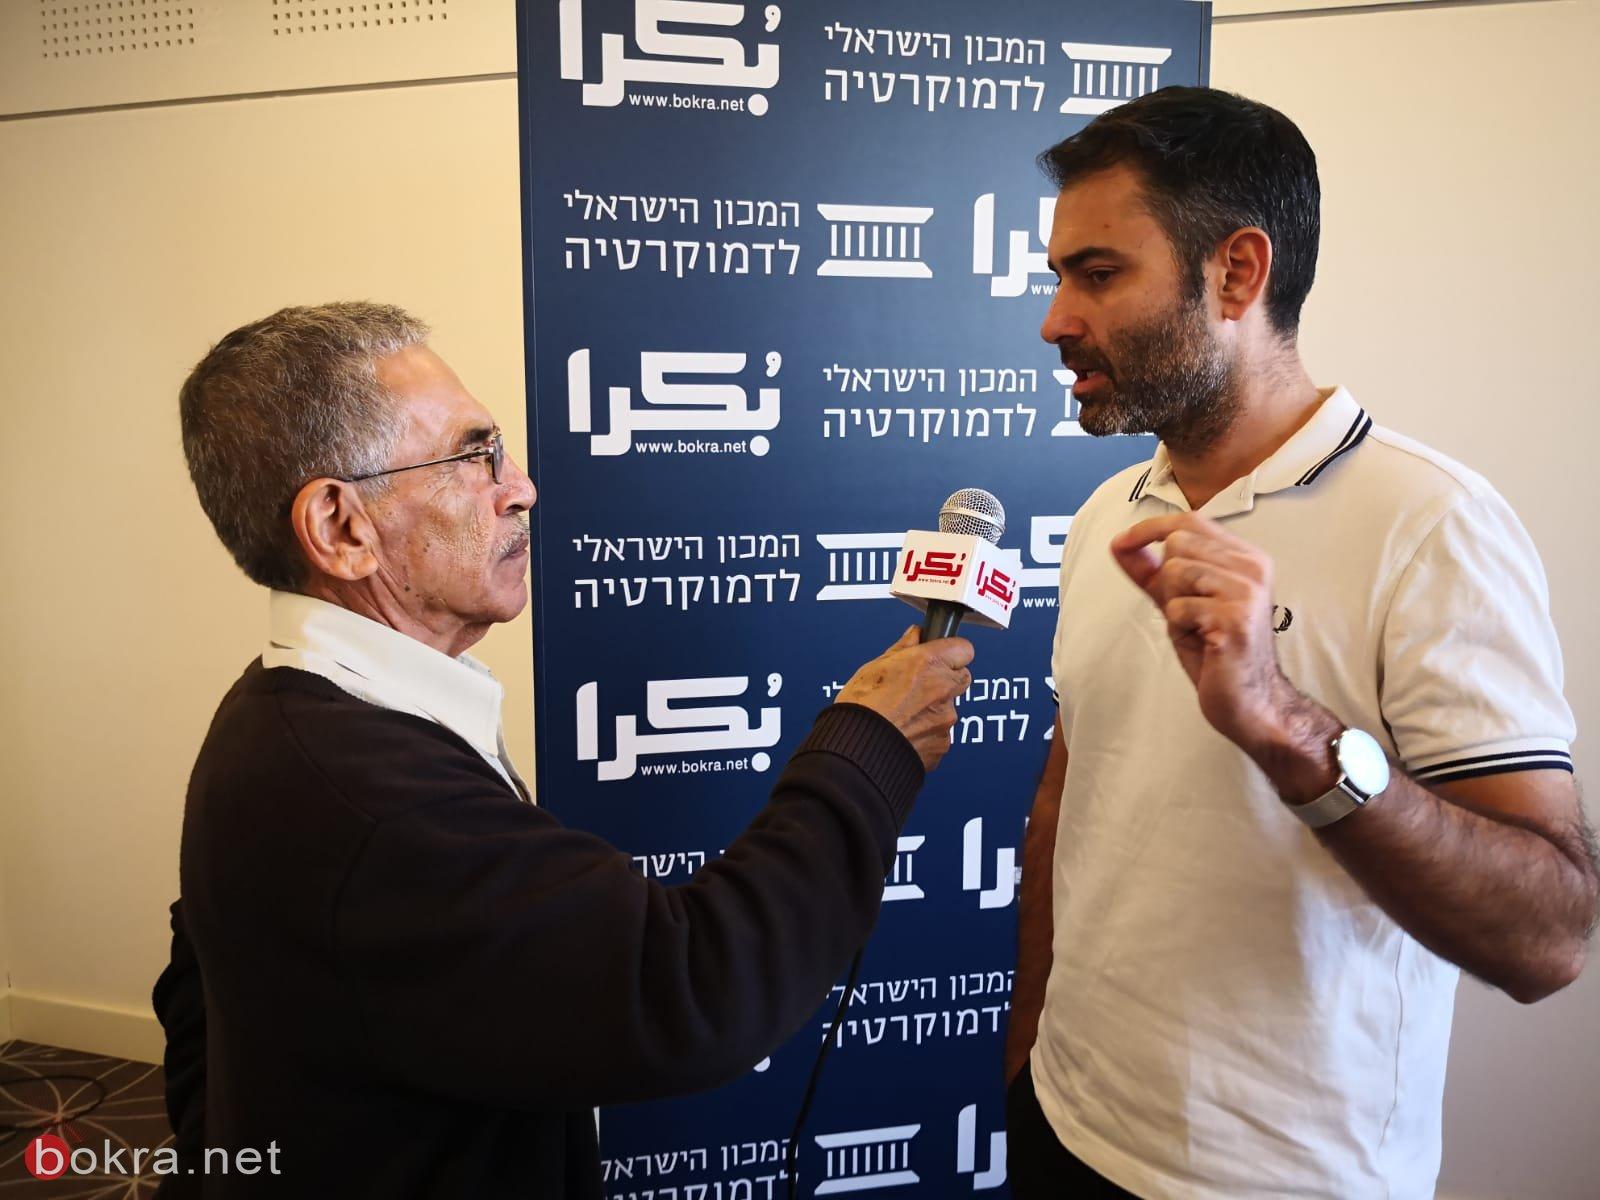 العنف في المجتمع العربي، أسبابه، والحلول لمكافحته؟ .. يوم دراسي في الناصرة-49